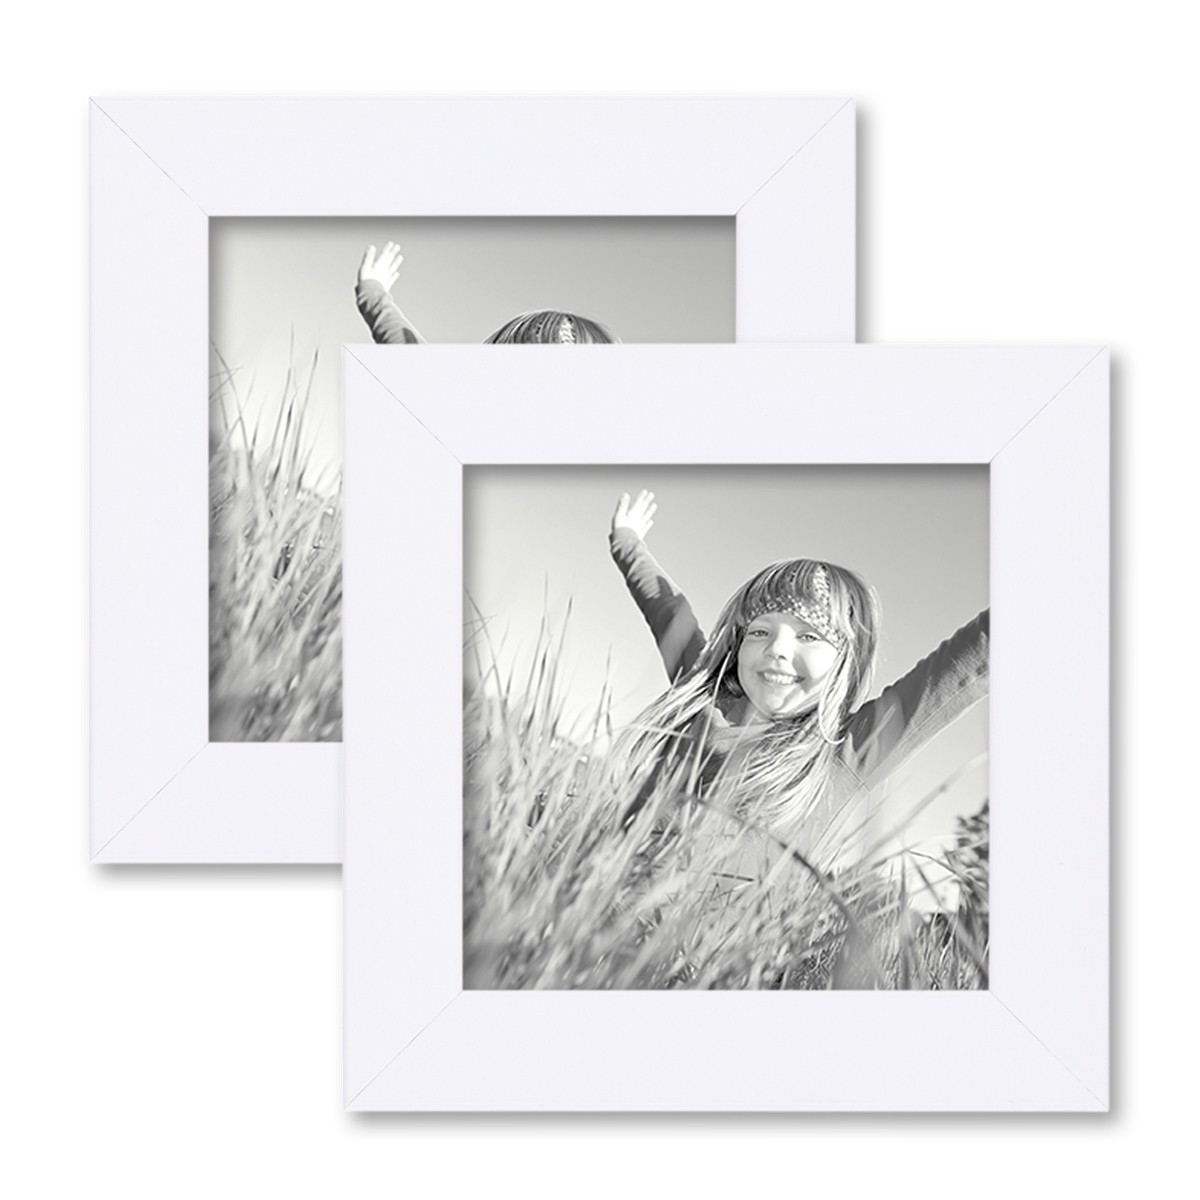 2er Set Bilderrahmen 15x15 cm Weiss Modern aus MDF mit Glasscheibe ...